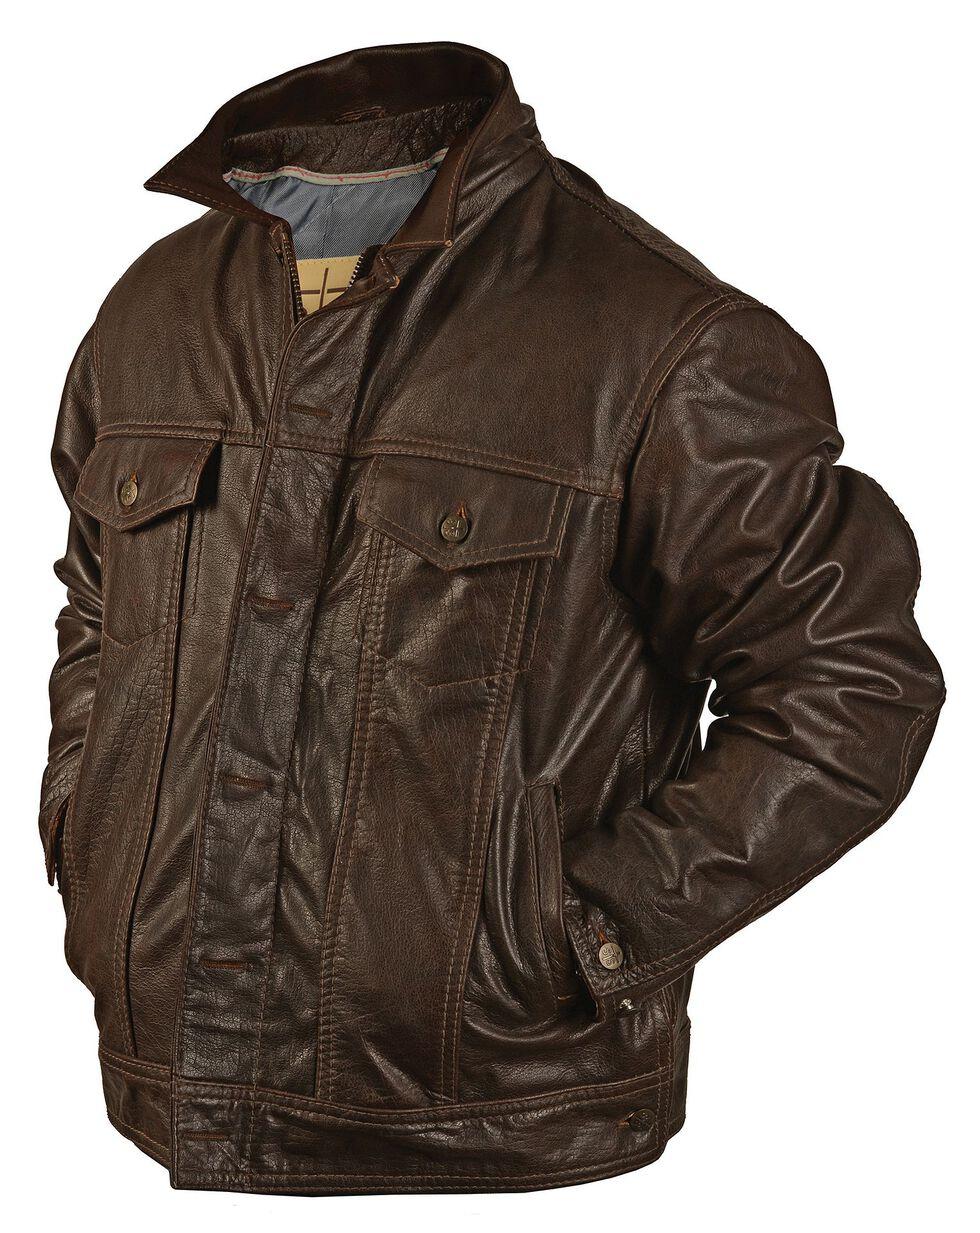 STS Ranchwear Men's Maverick Brown Leather Jacket, , hi-res